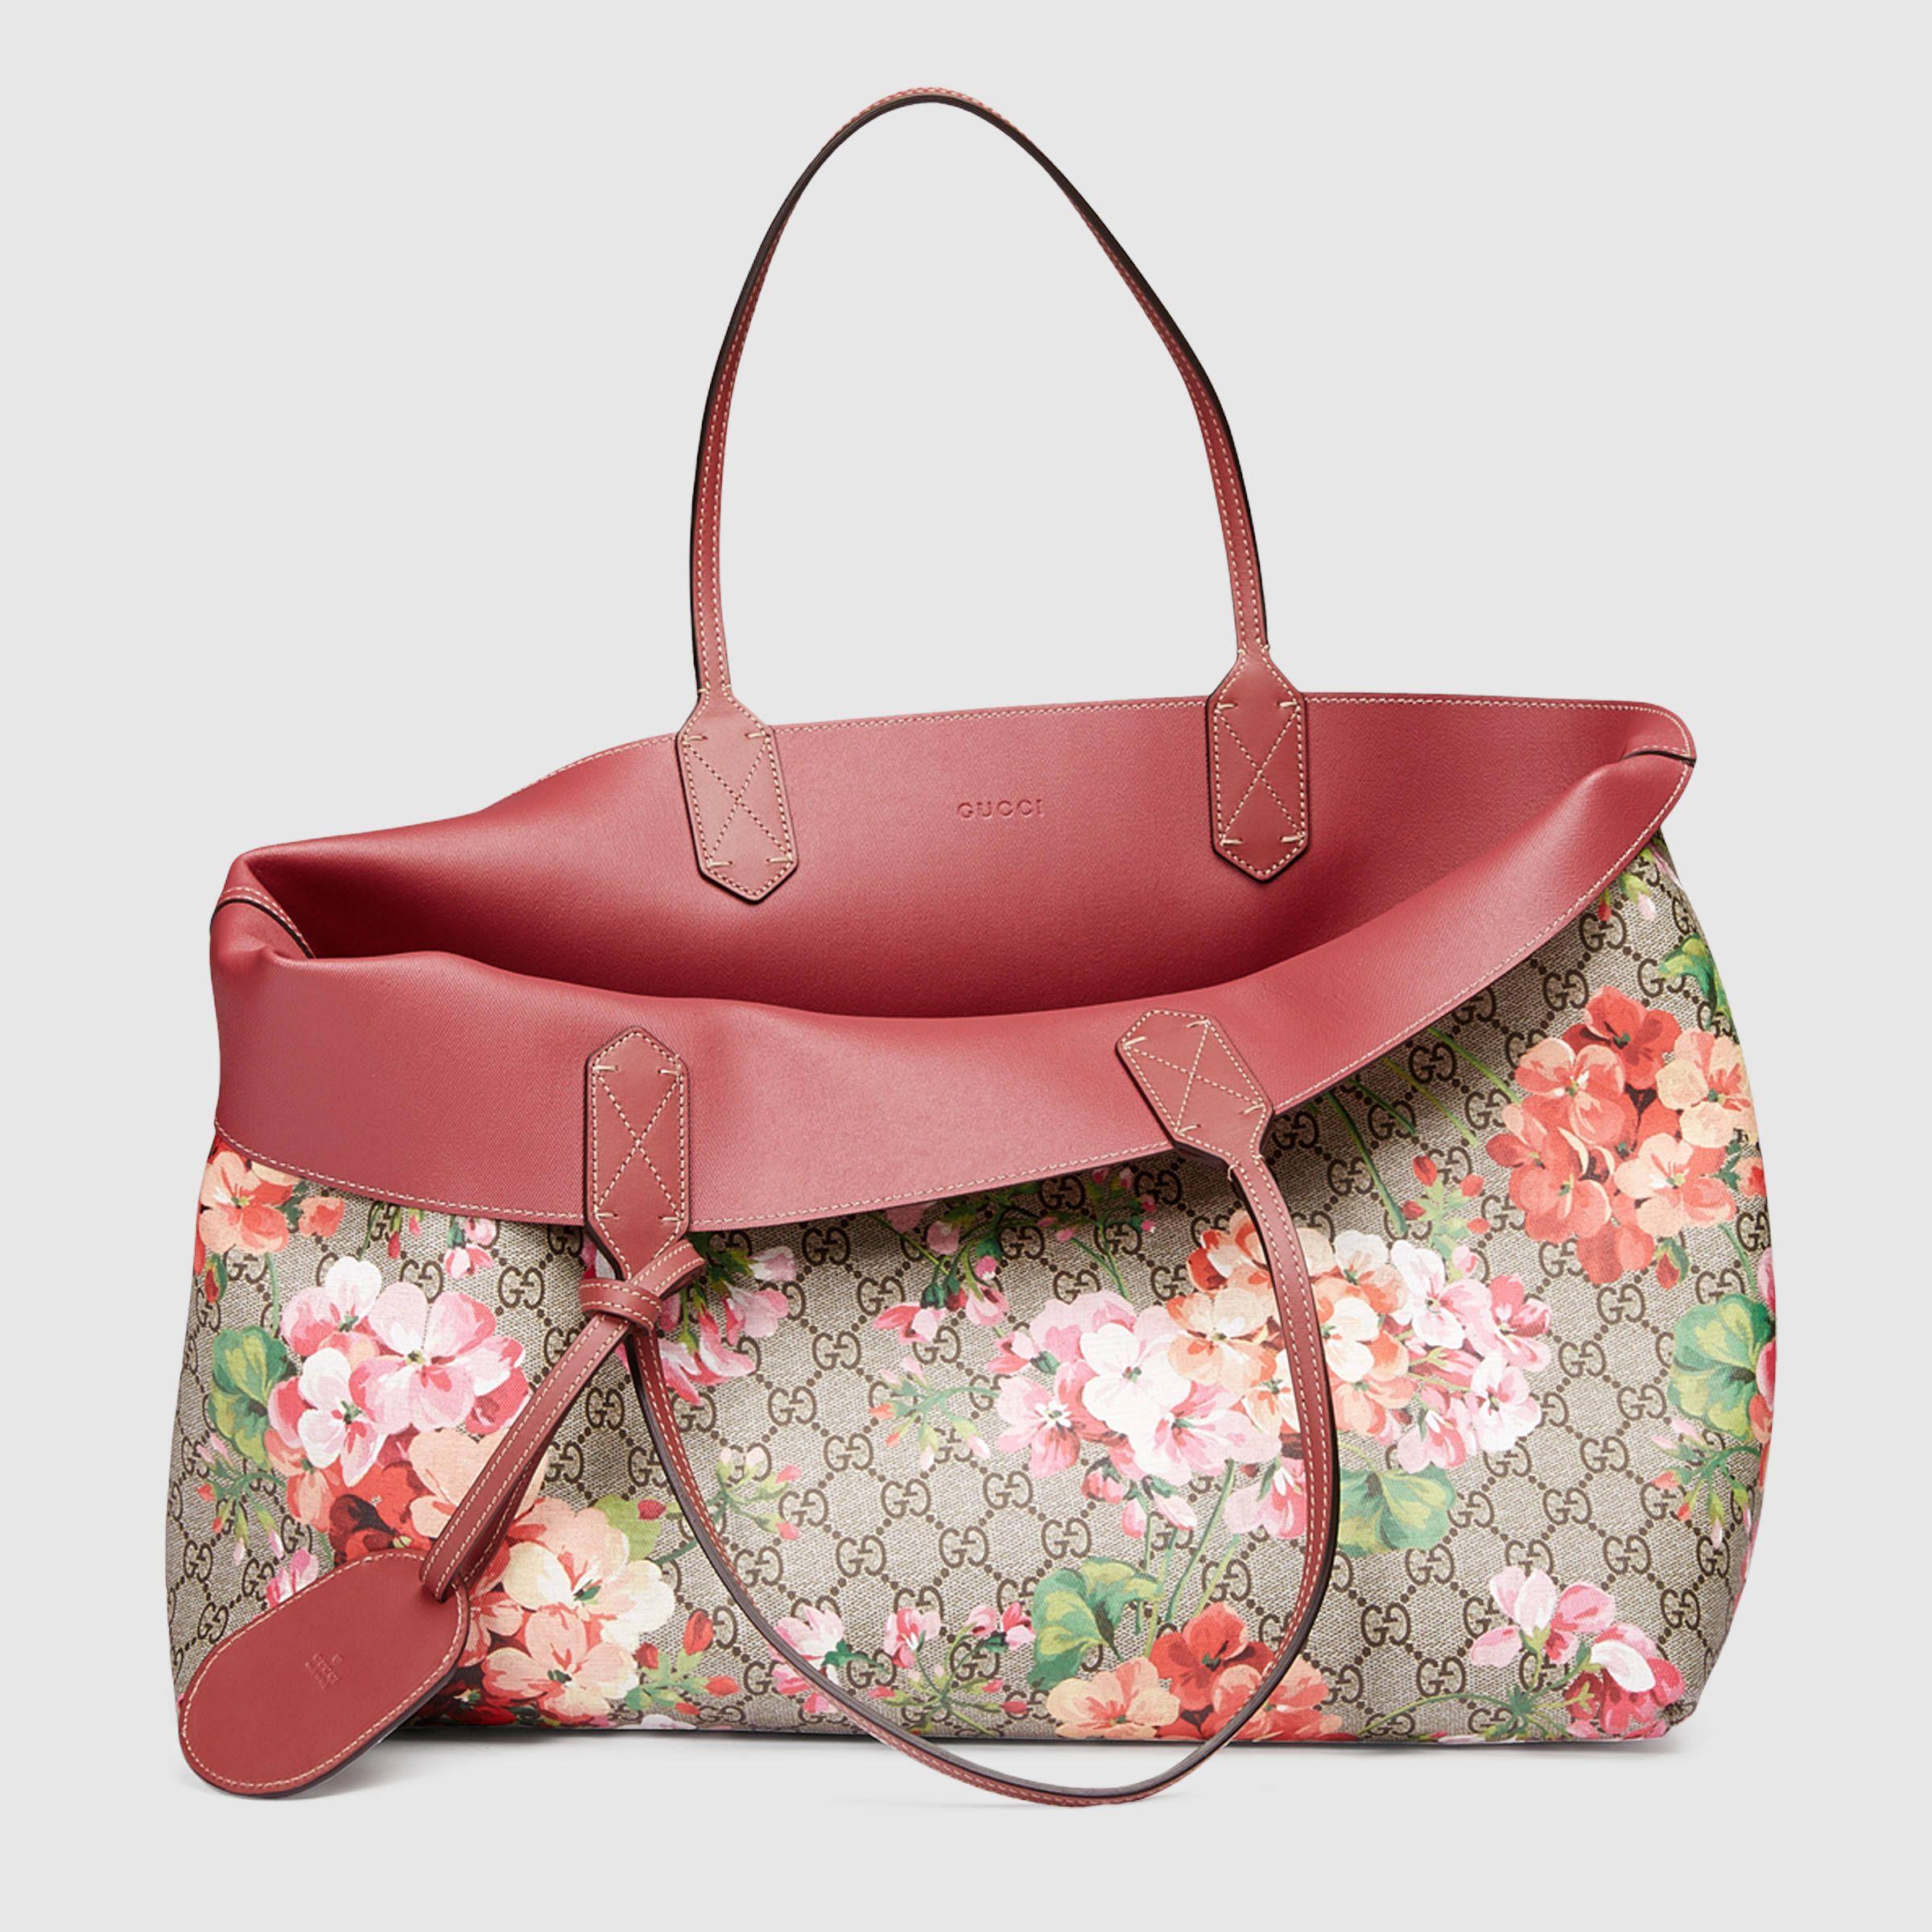 024d3e2d7d4c39 Gucci Women - Reversible GG Blooms leather tote - 368571CU7108693 ...